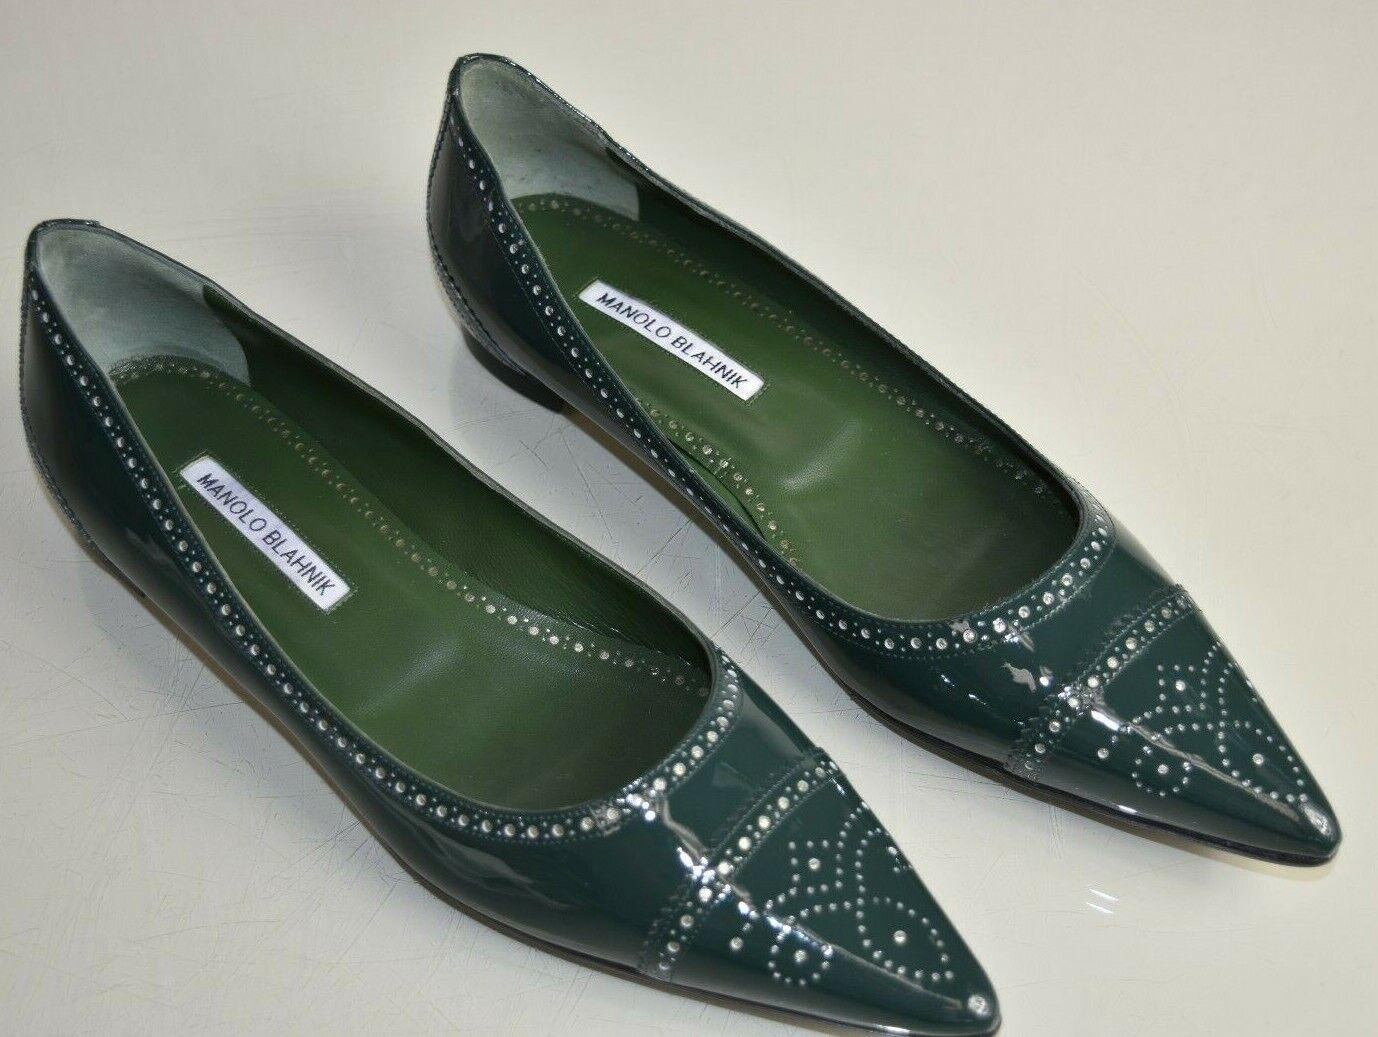 Schuhe 41 40 BB Flach Grün Lackleder Halbschuhe Petunia